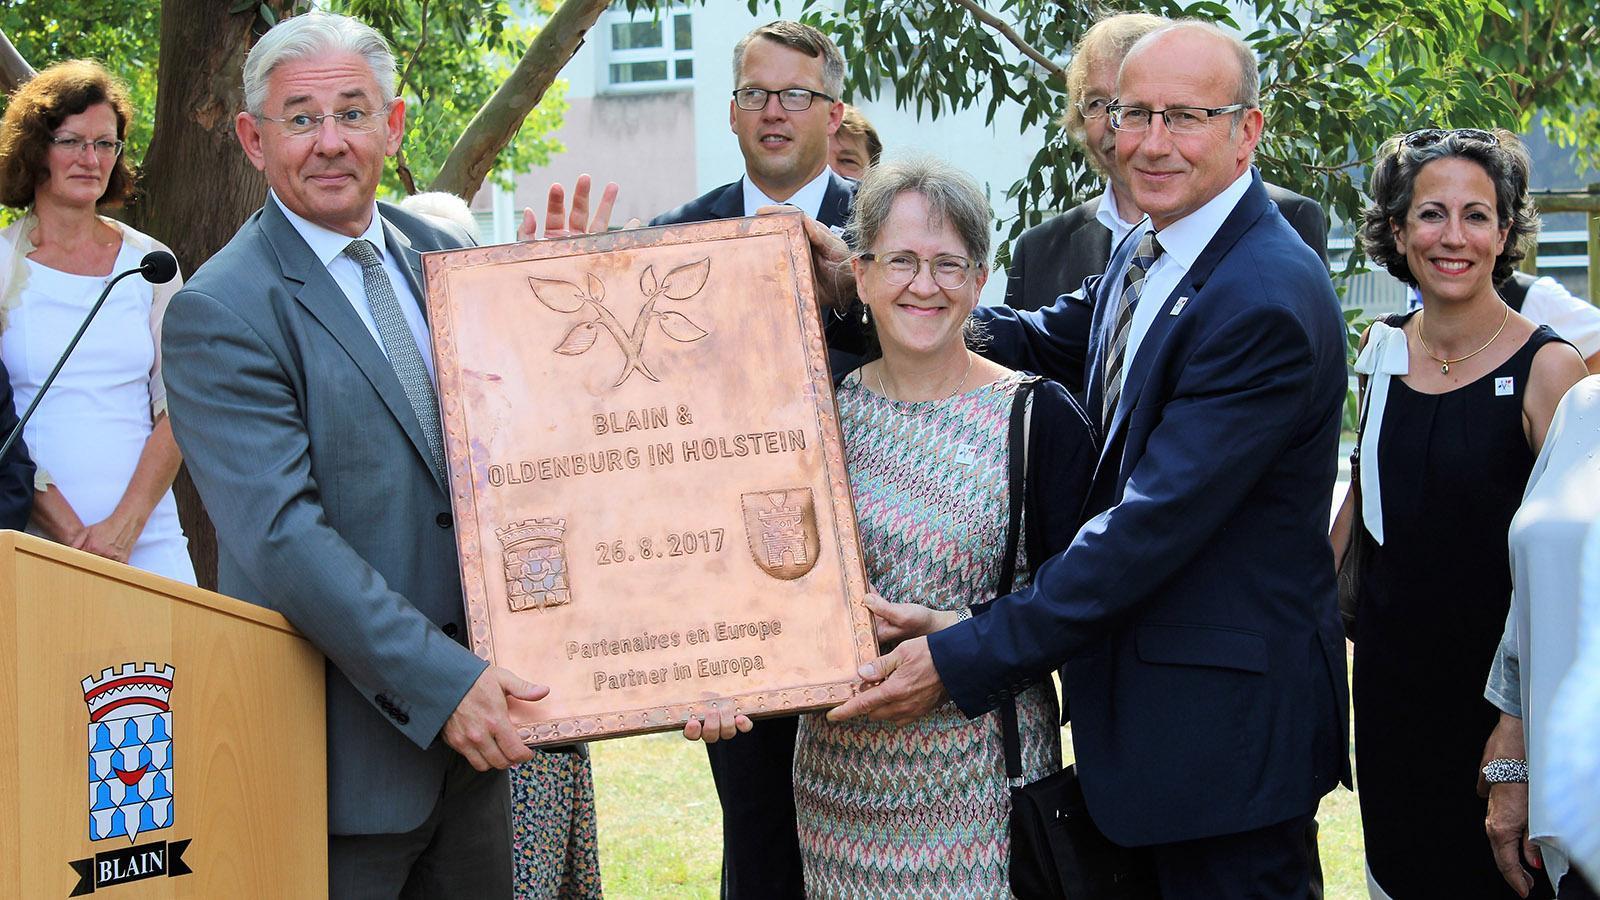 Oldenburgs Bürgermeister Martin Voigt (.) und Blains Bürgermeister Jean-Michel Buf (4.v.l.) mit dem Oldenburger Geschenk - der Kupferplakette. Foto: Stadt Oldenburg in Holstein.